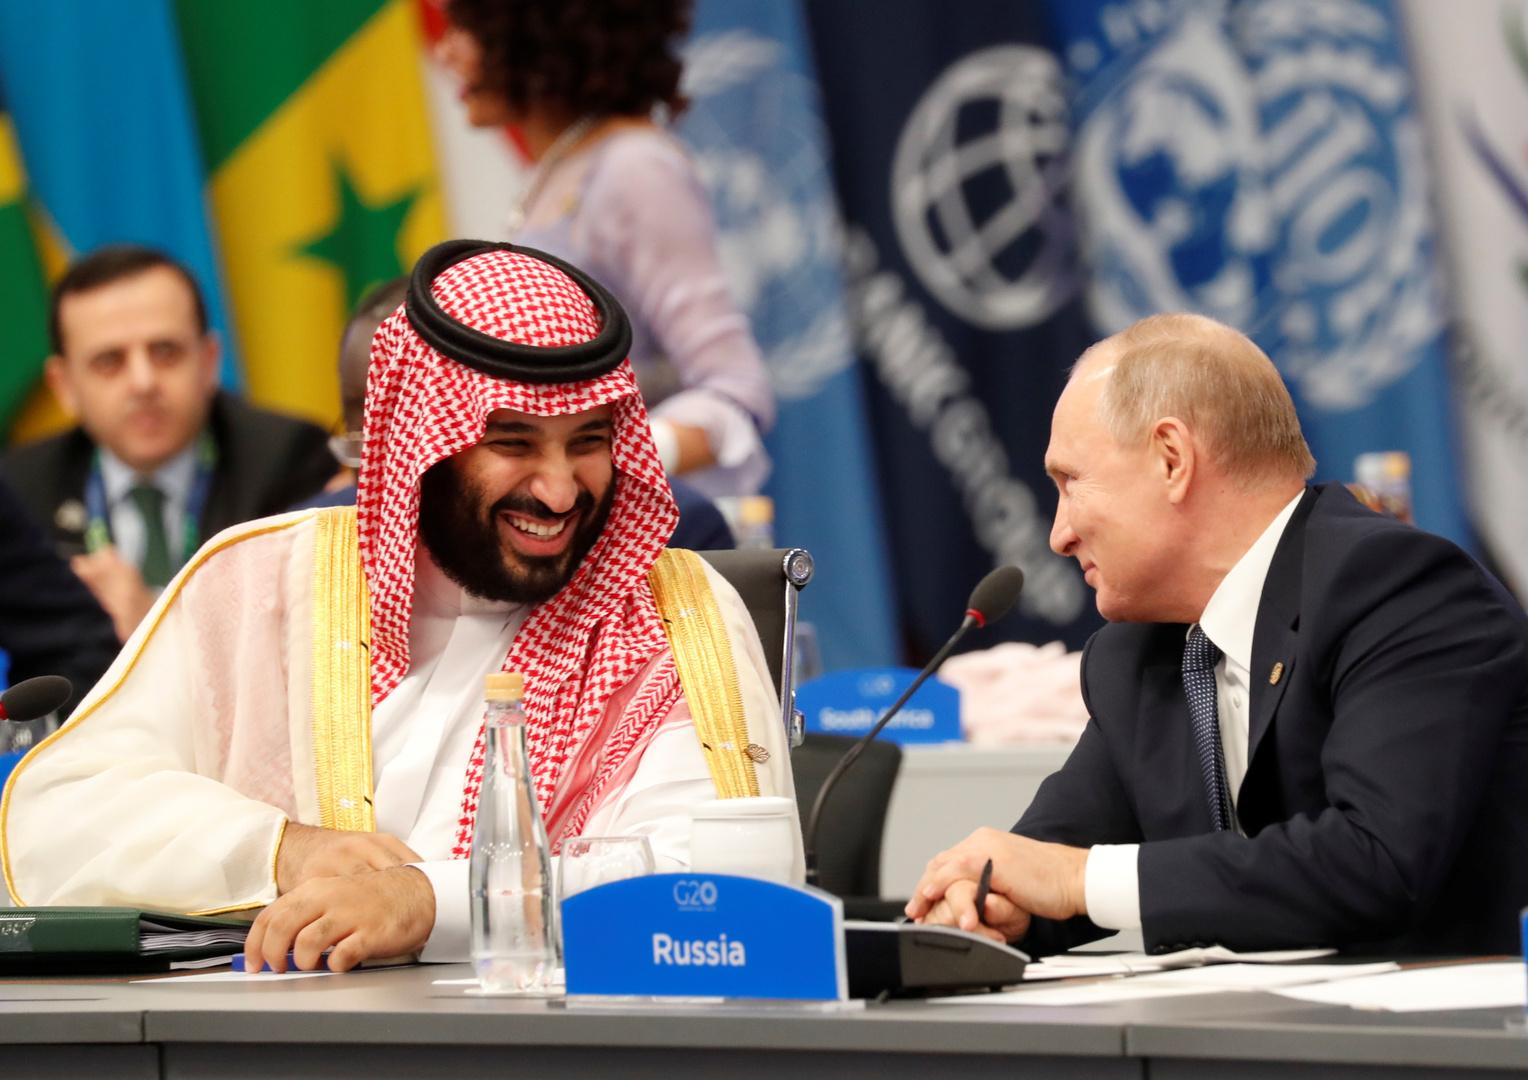 الكرملين: لا مستفيد من زيادة حجم إنتاج النفط وبوتين يتطلع إلى التفاوض البناء